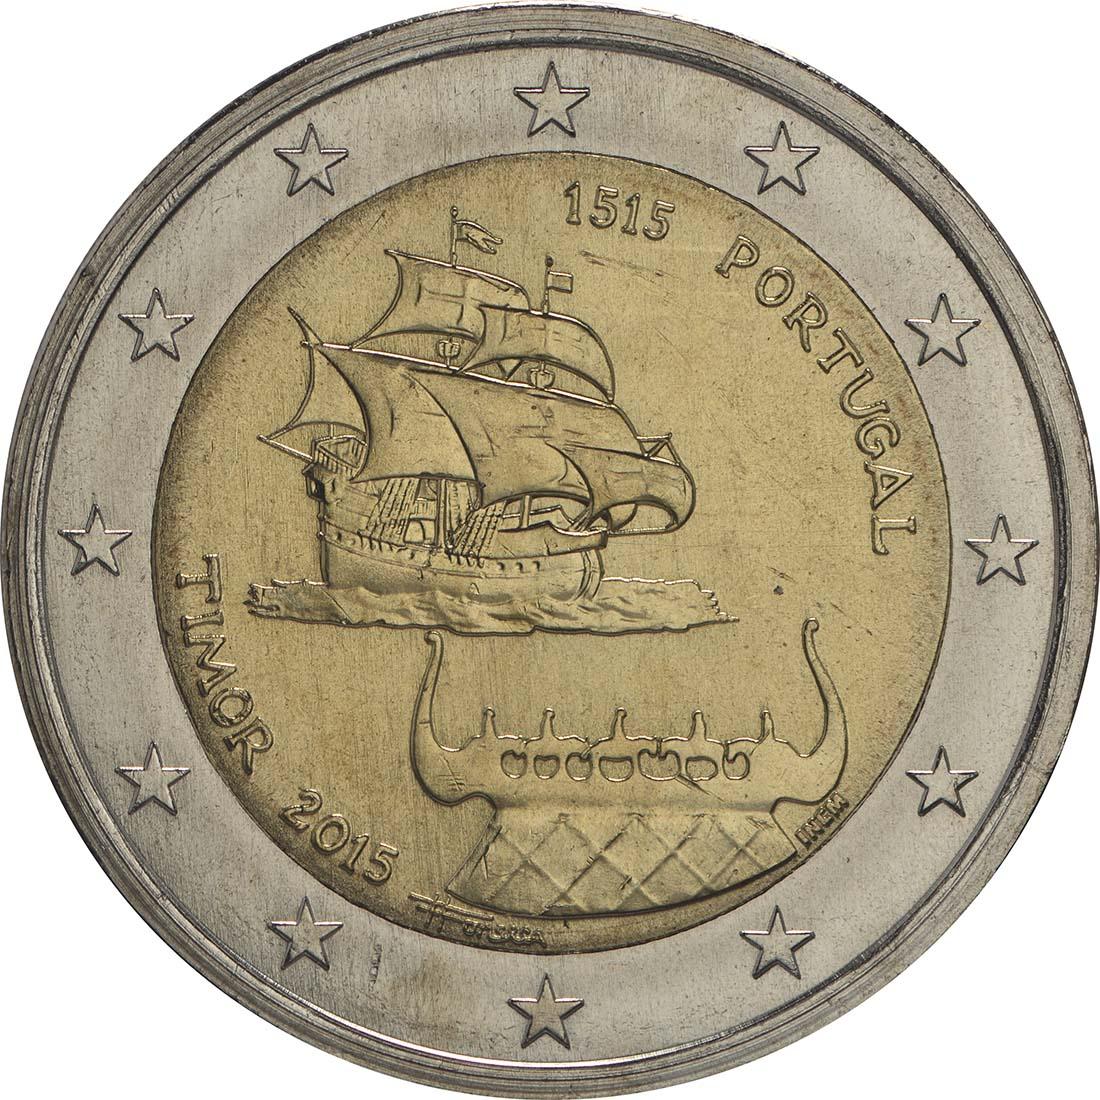 2015 198 Portugal Timor.jpg